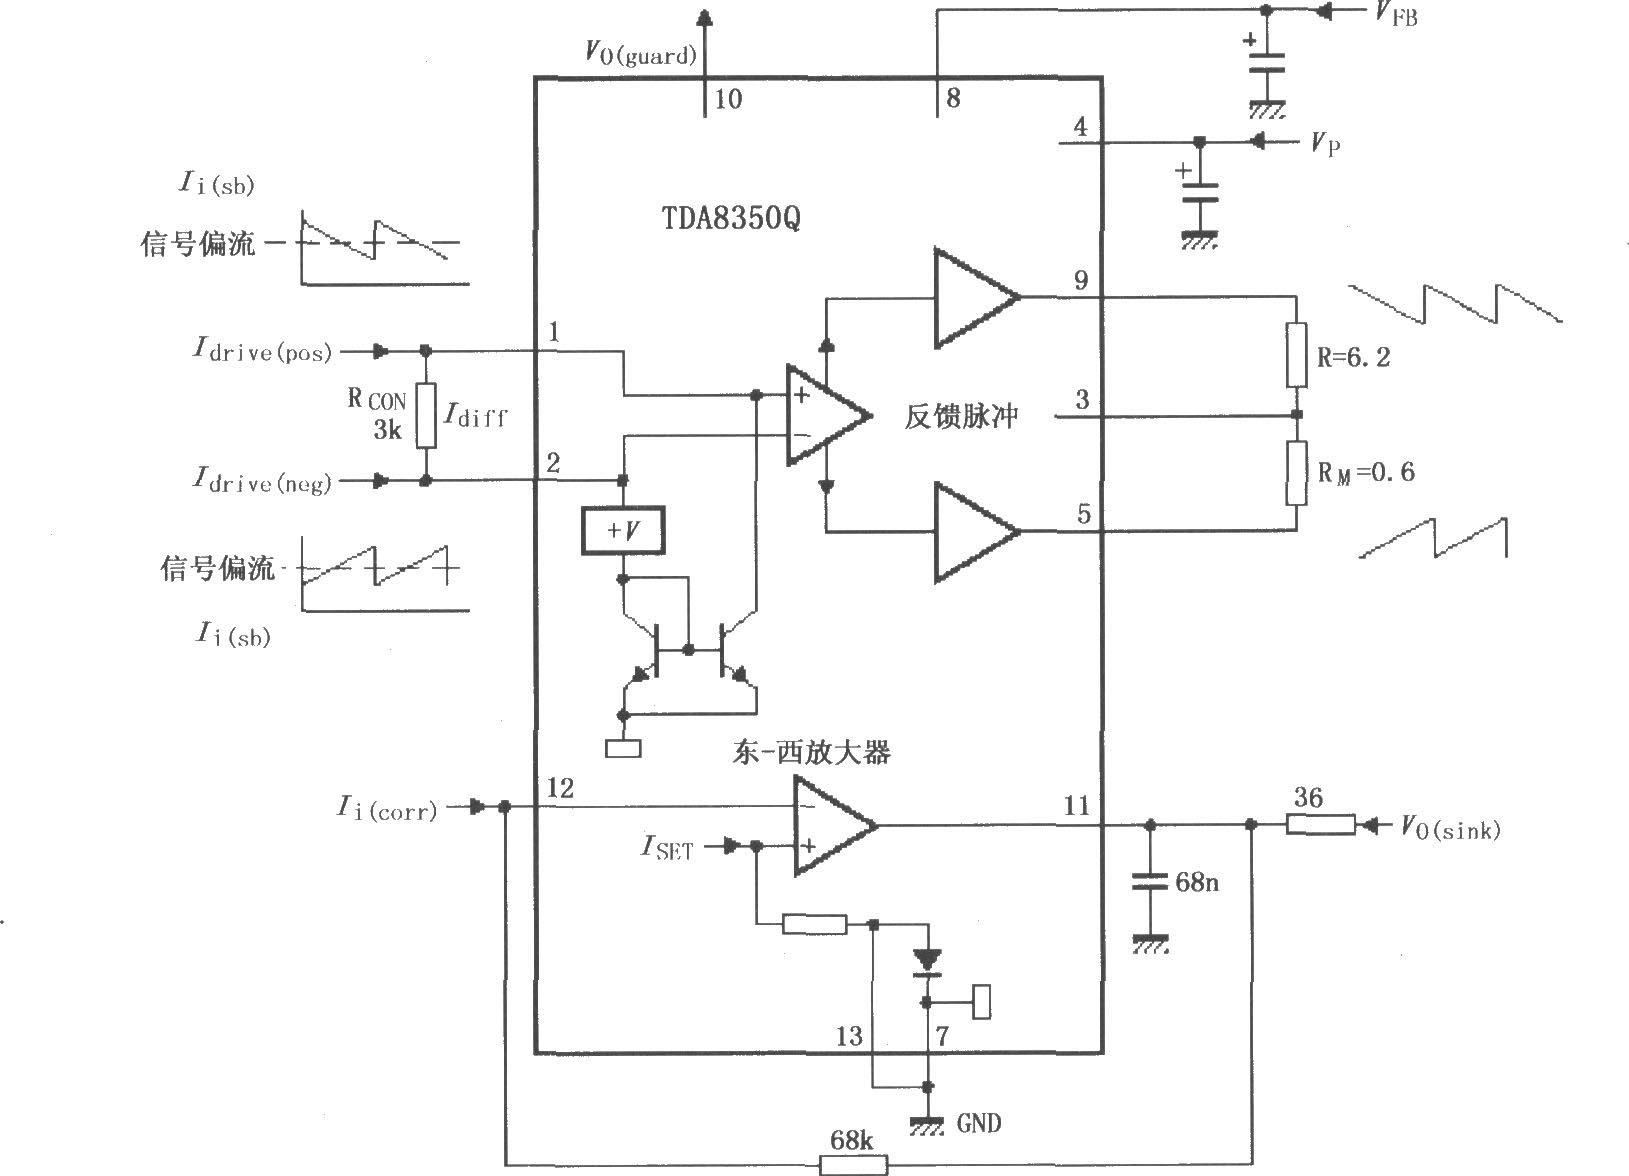 如图所示为tda8350q的测试电路,该电路是在推挽功率放大器输出端用